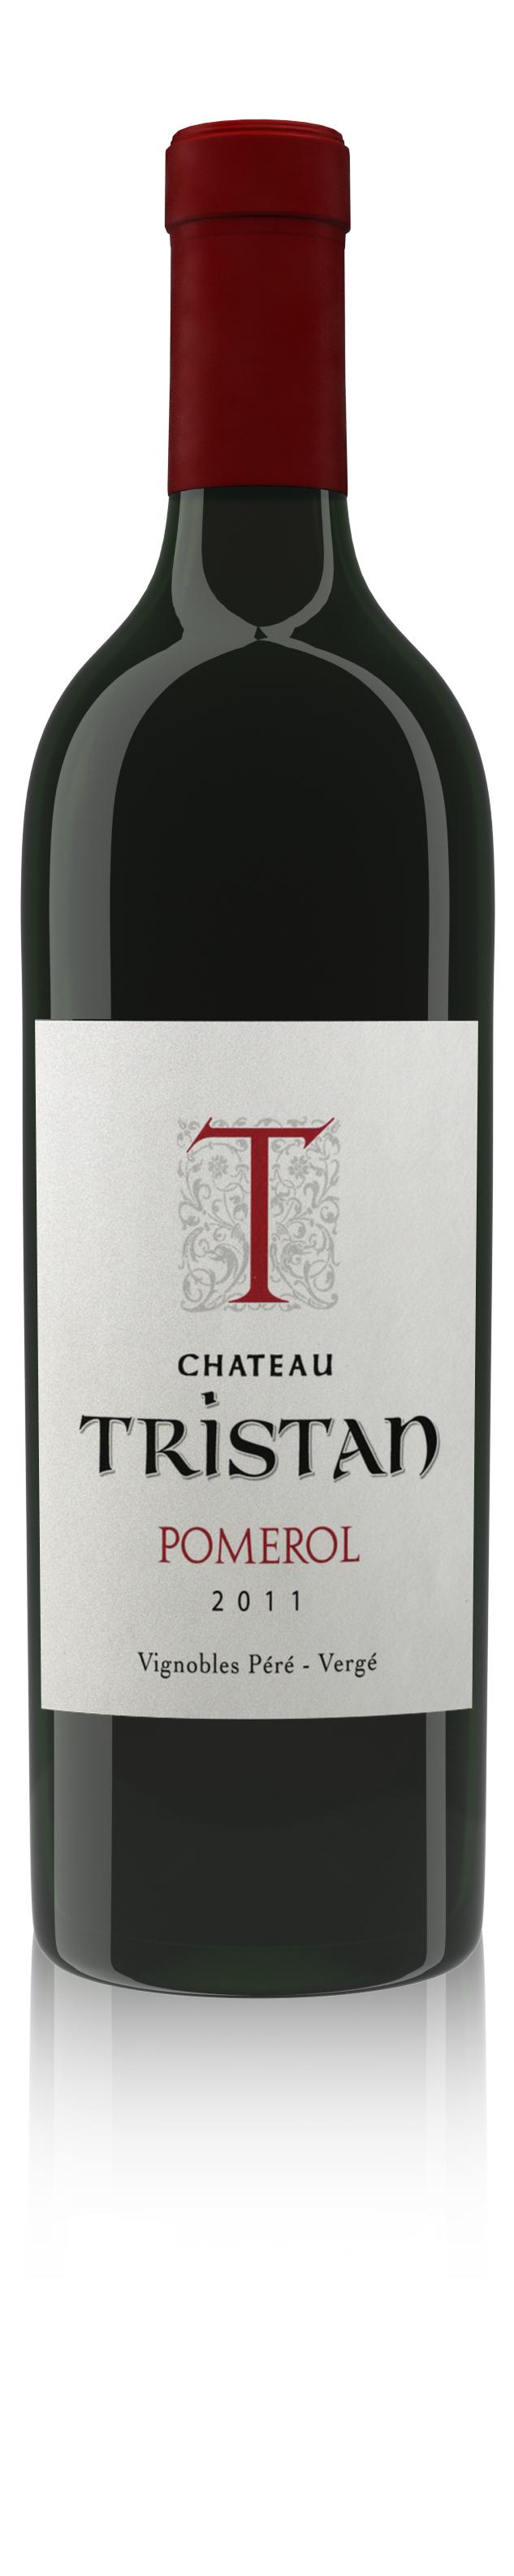 Château Tristan